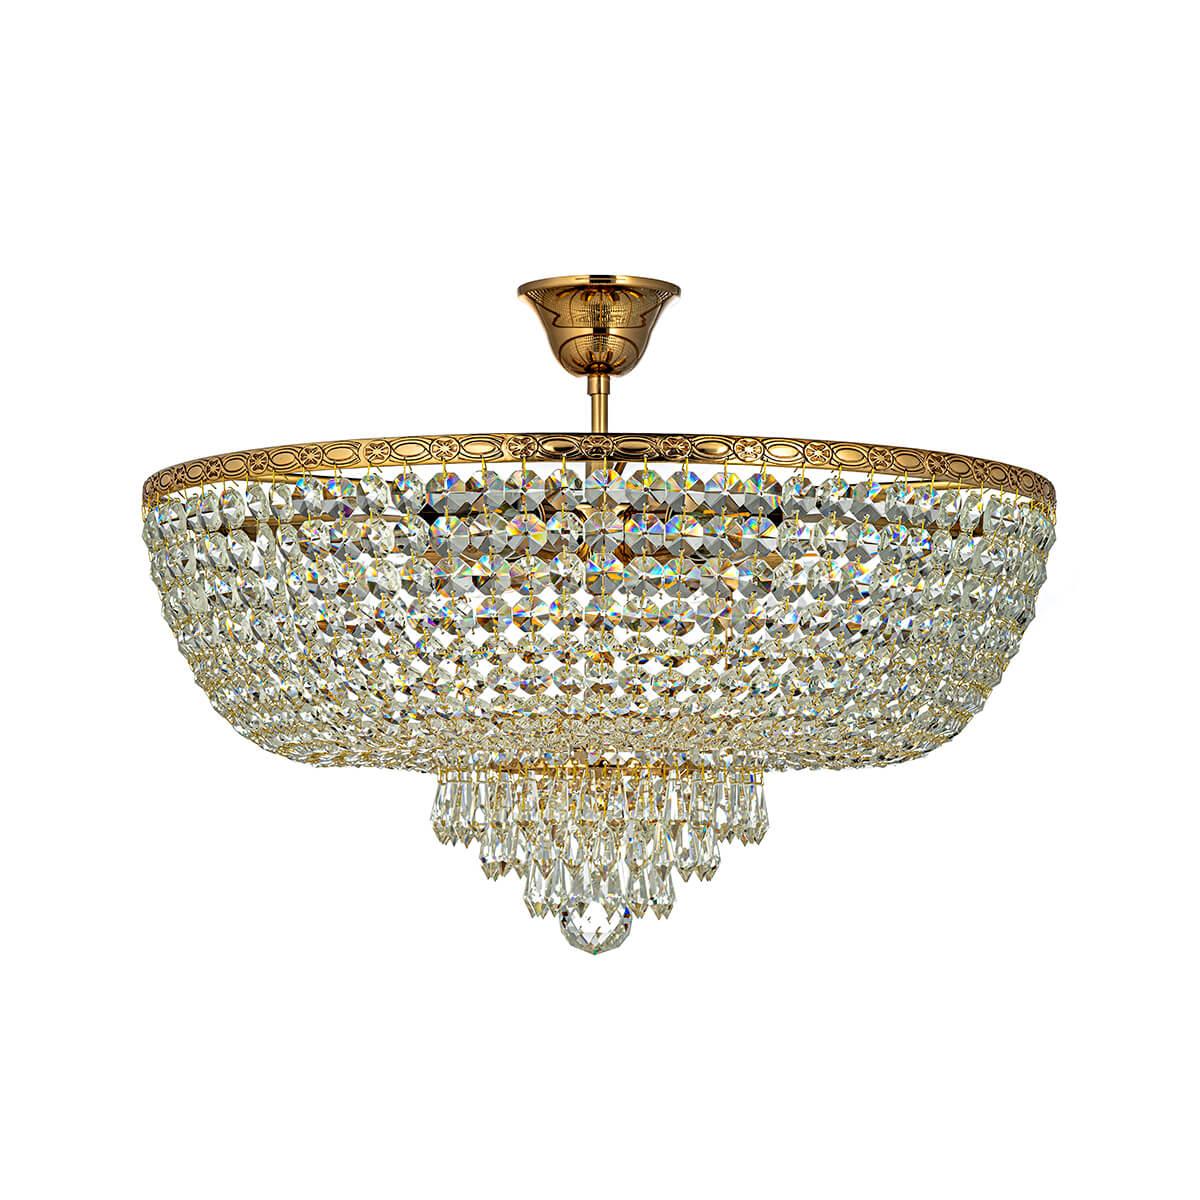 Потолочный светильник Arti Lampadari Nonna E 1.3.50.503 G цена и фото